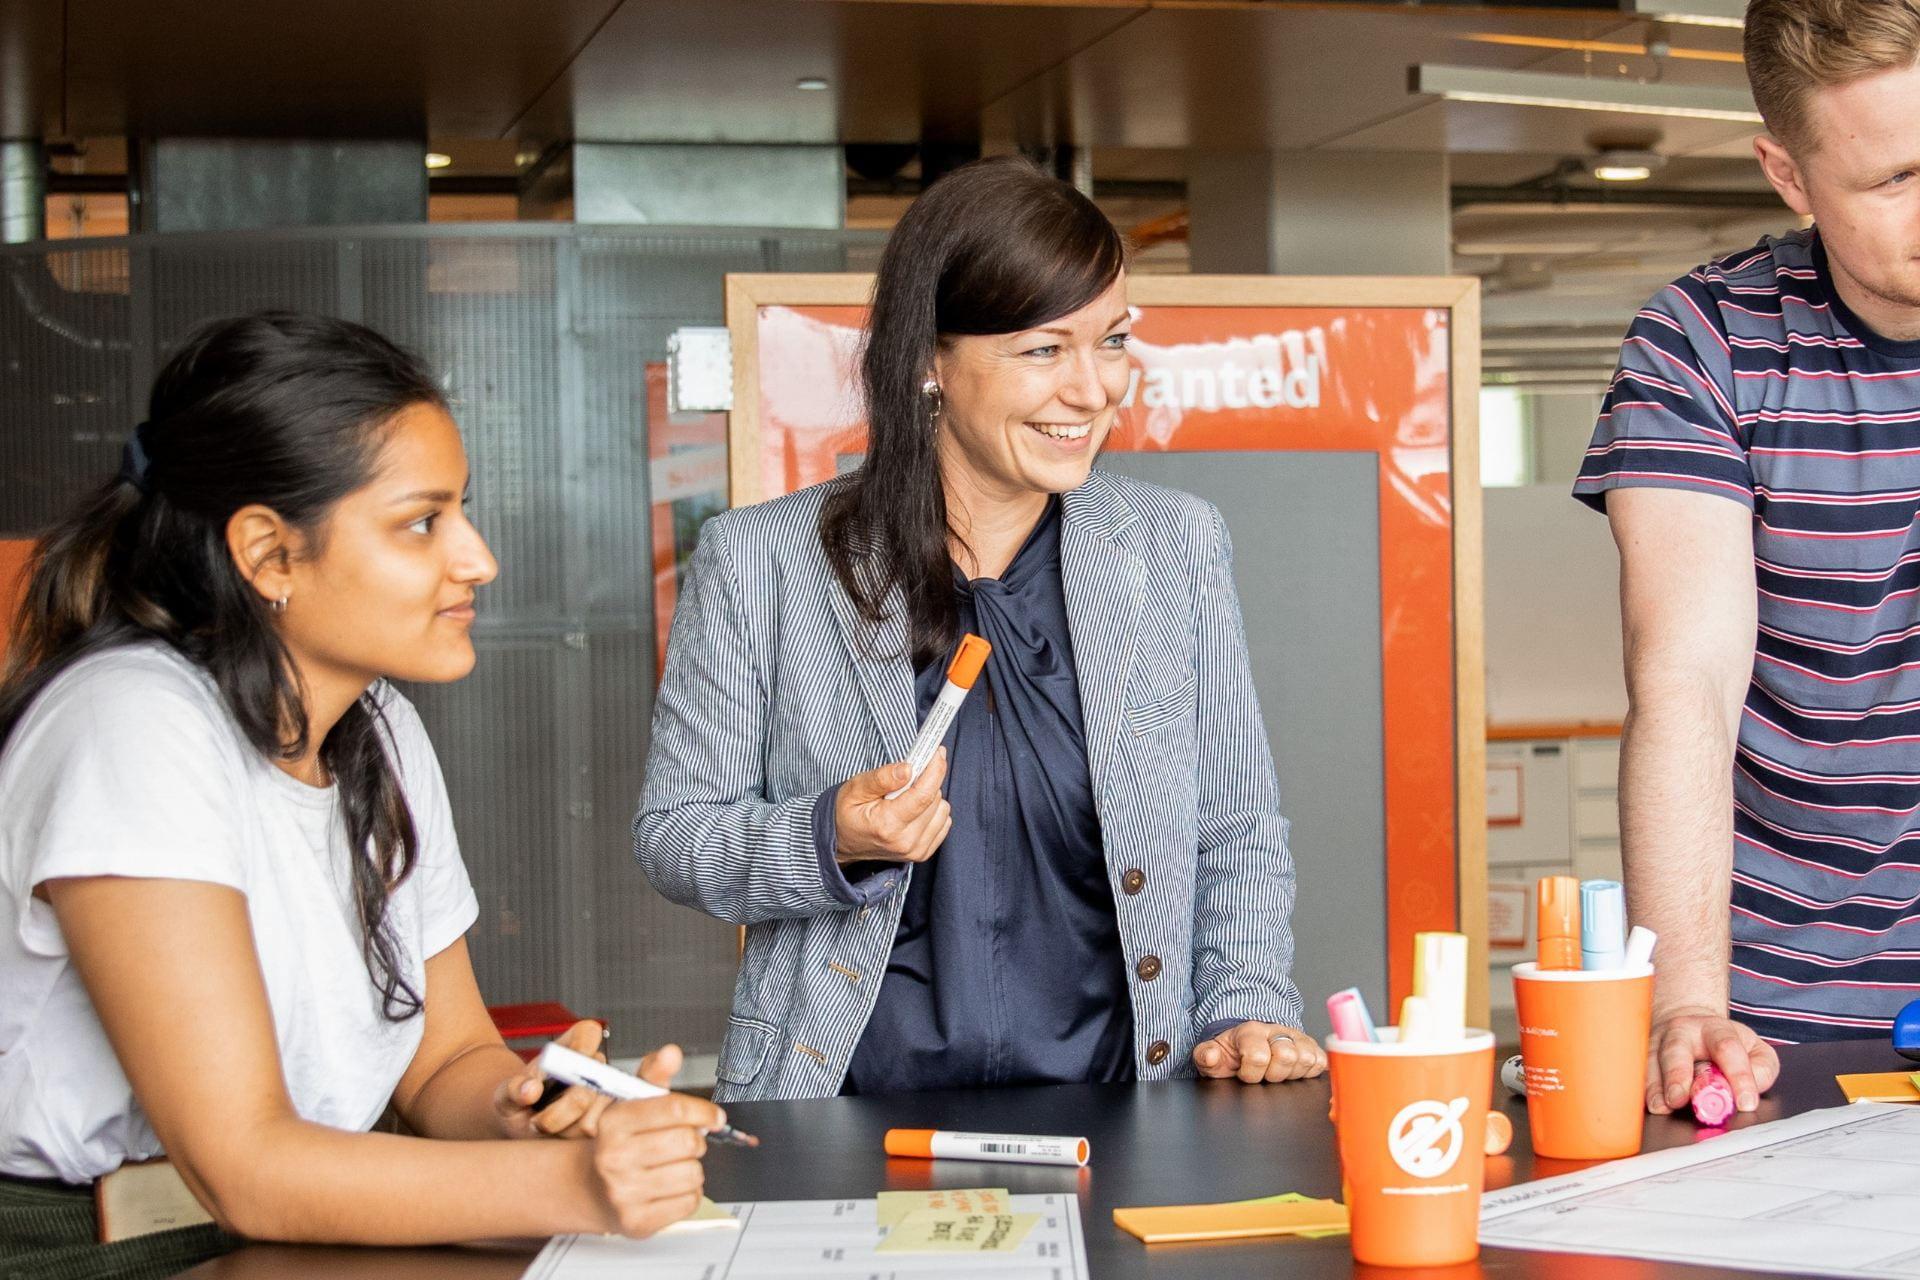 University of Auckland wins international award for entrepreneurship education